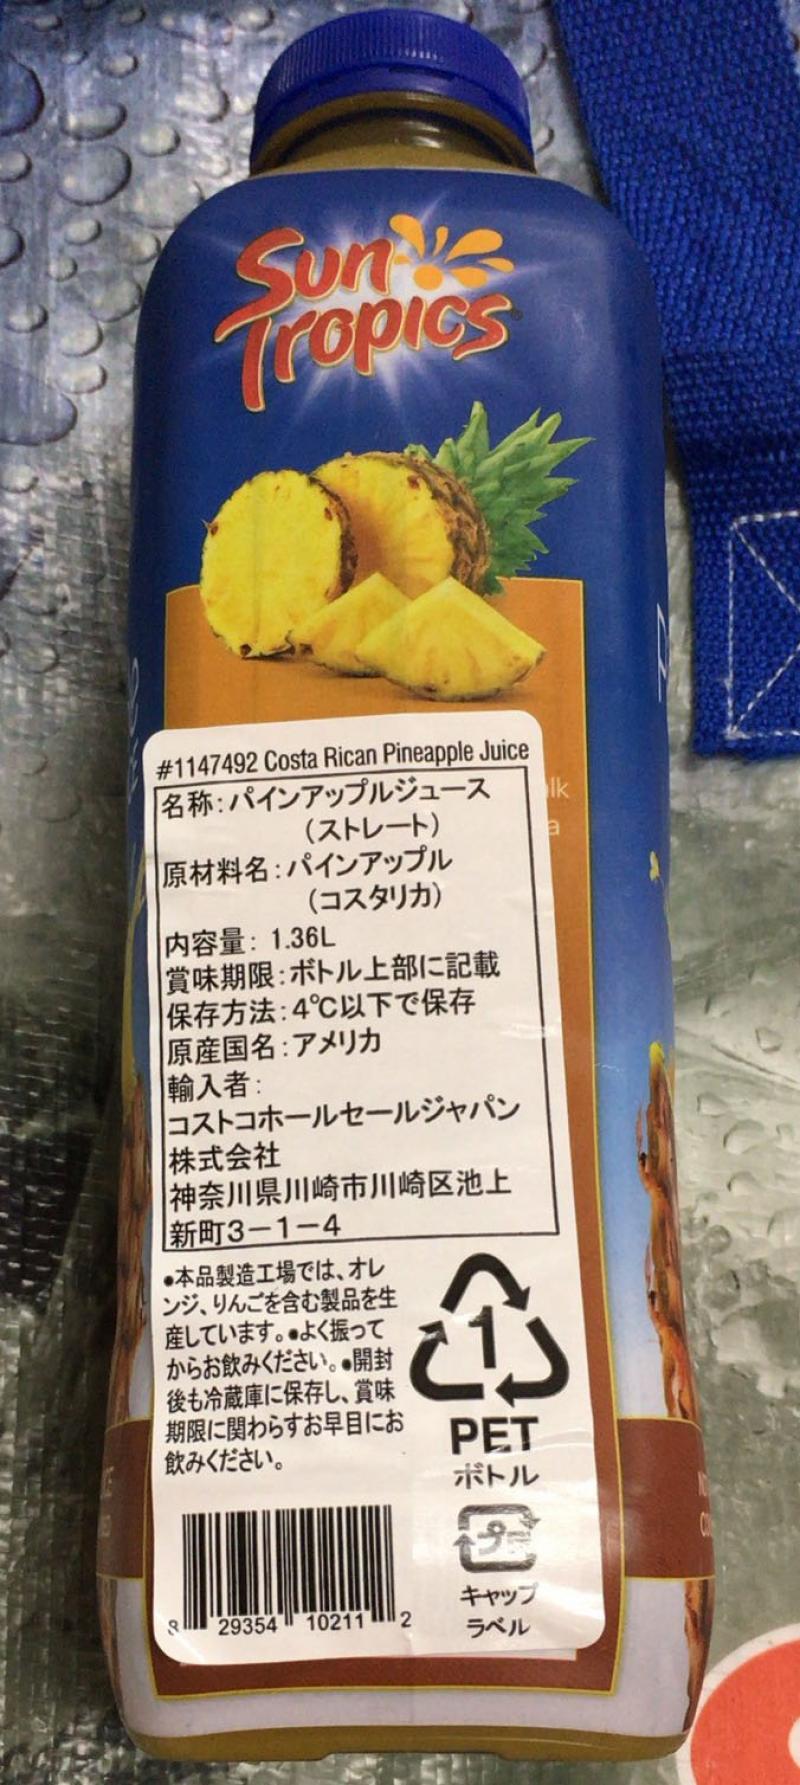 [3]が投稿したサントロピックス パイナップルジュース ストレートの写真